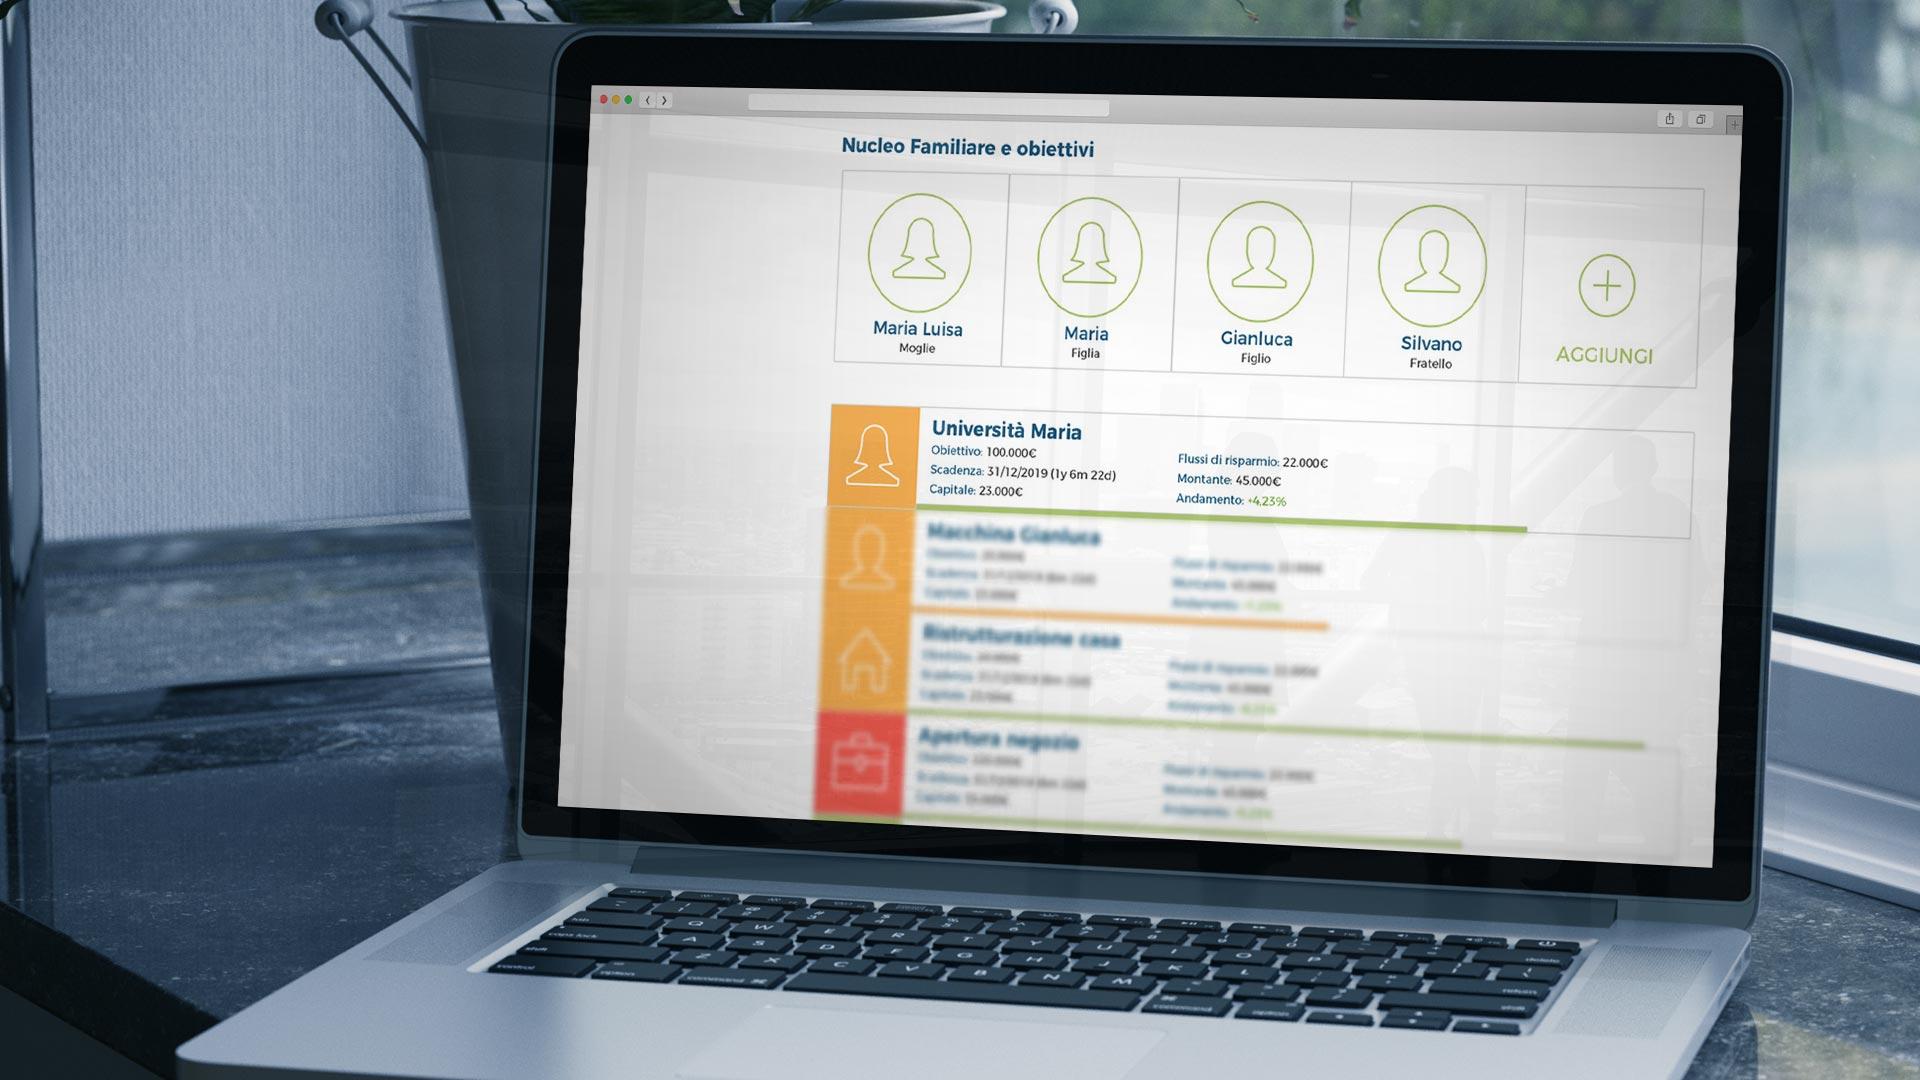 Piattaforma consulenti finanziari indipendenti:  assistenza per obiettivi di vita cliente  - Fairvalyou